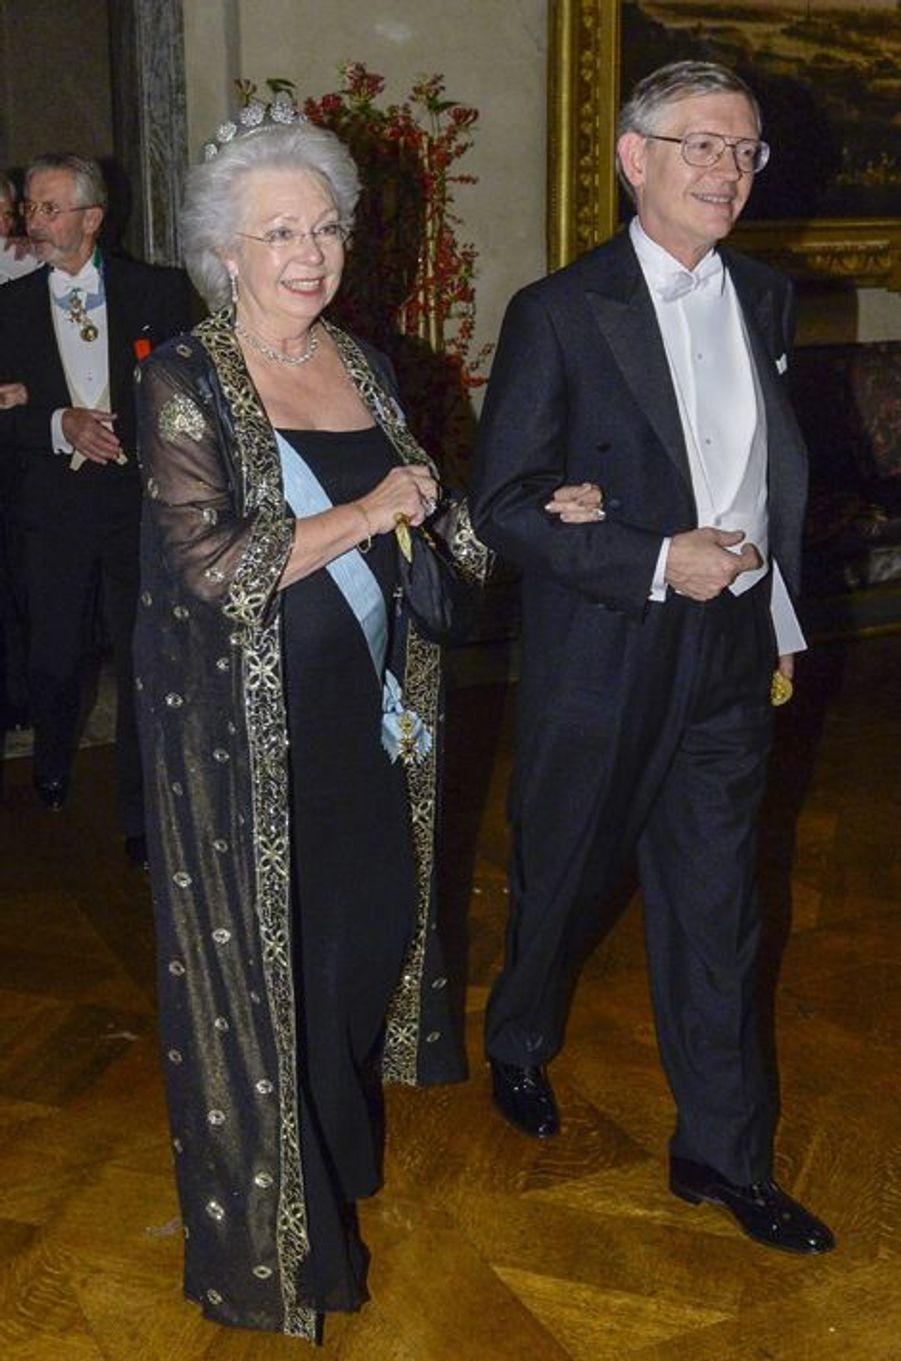 La princesse Christina de Suède au banquet des prix Nobel à Stockholm, le 10 décembre 2014